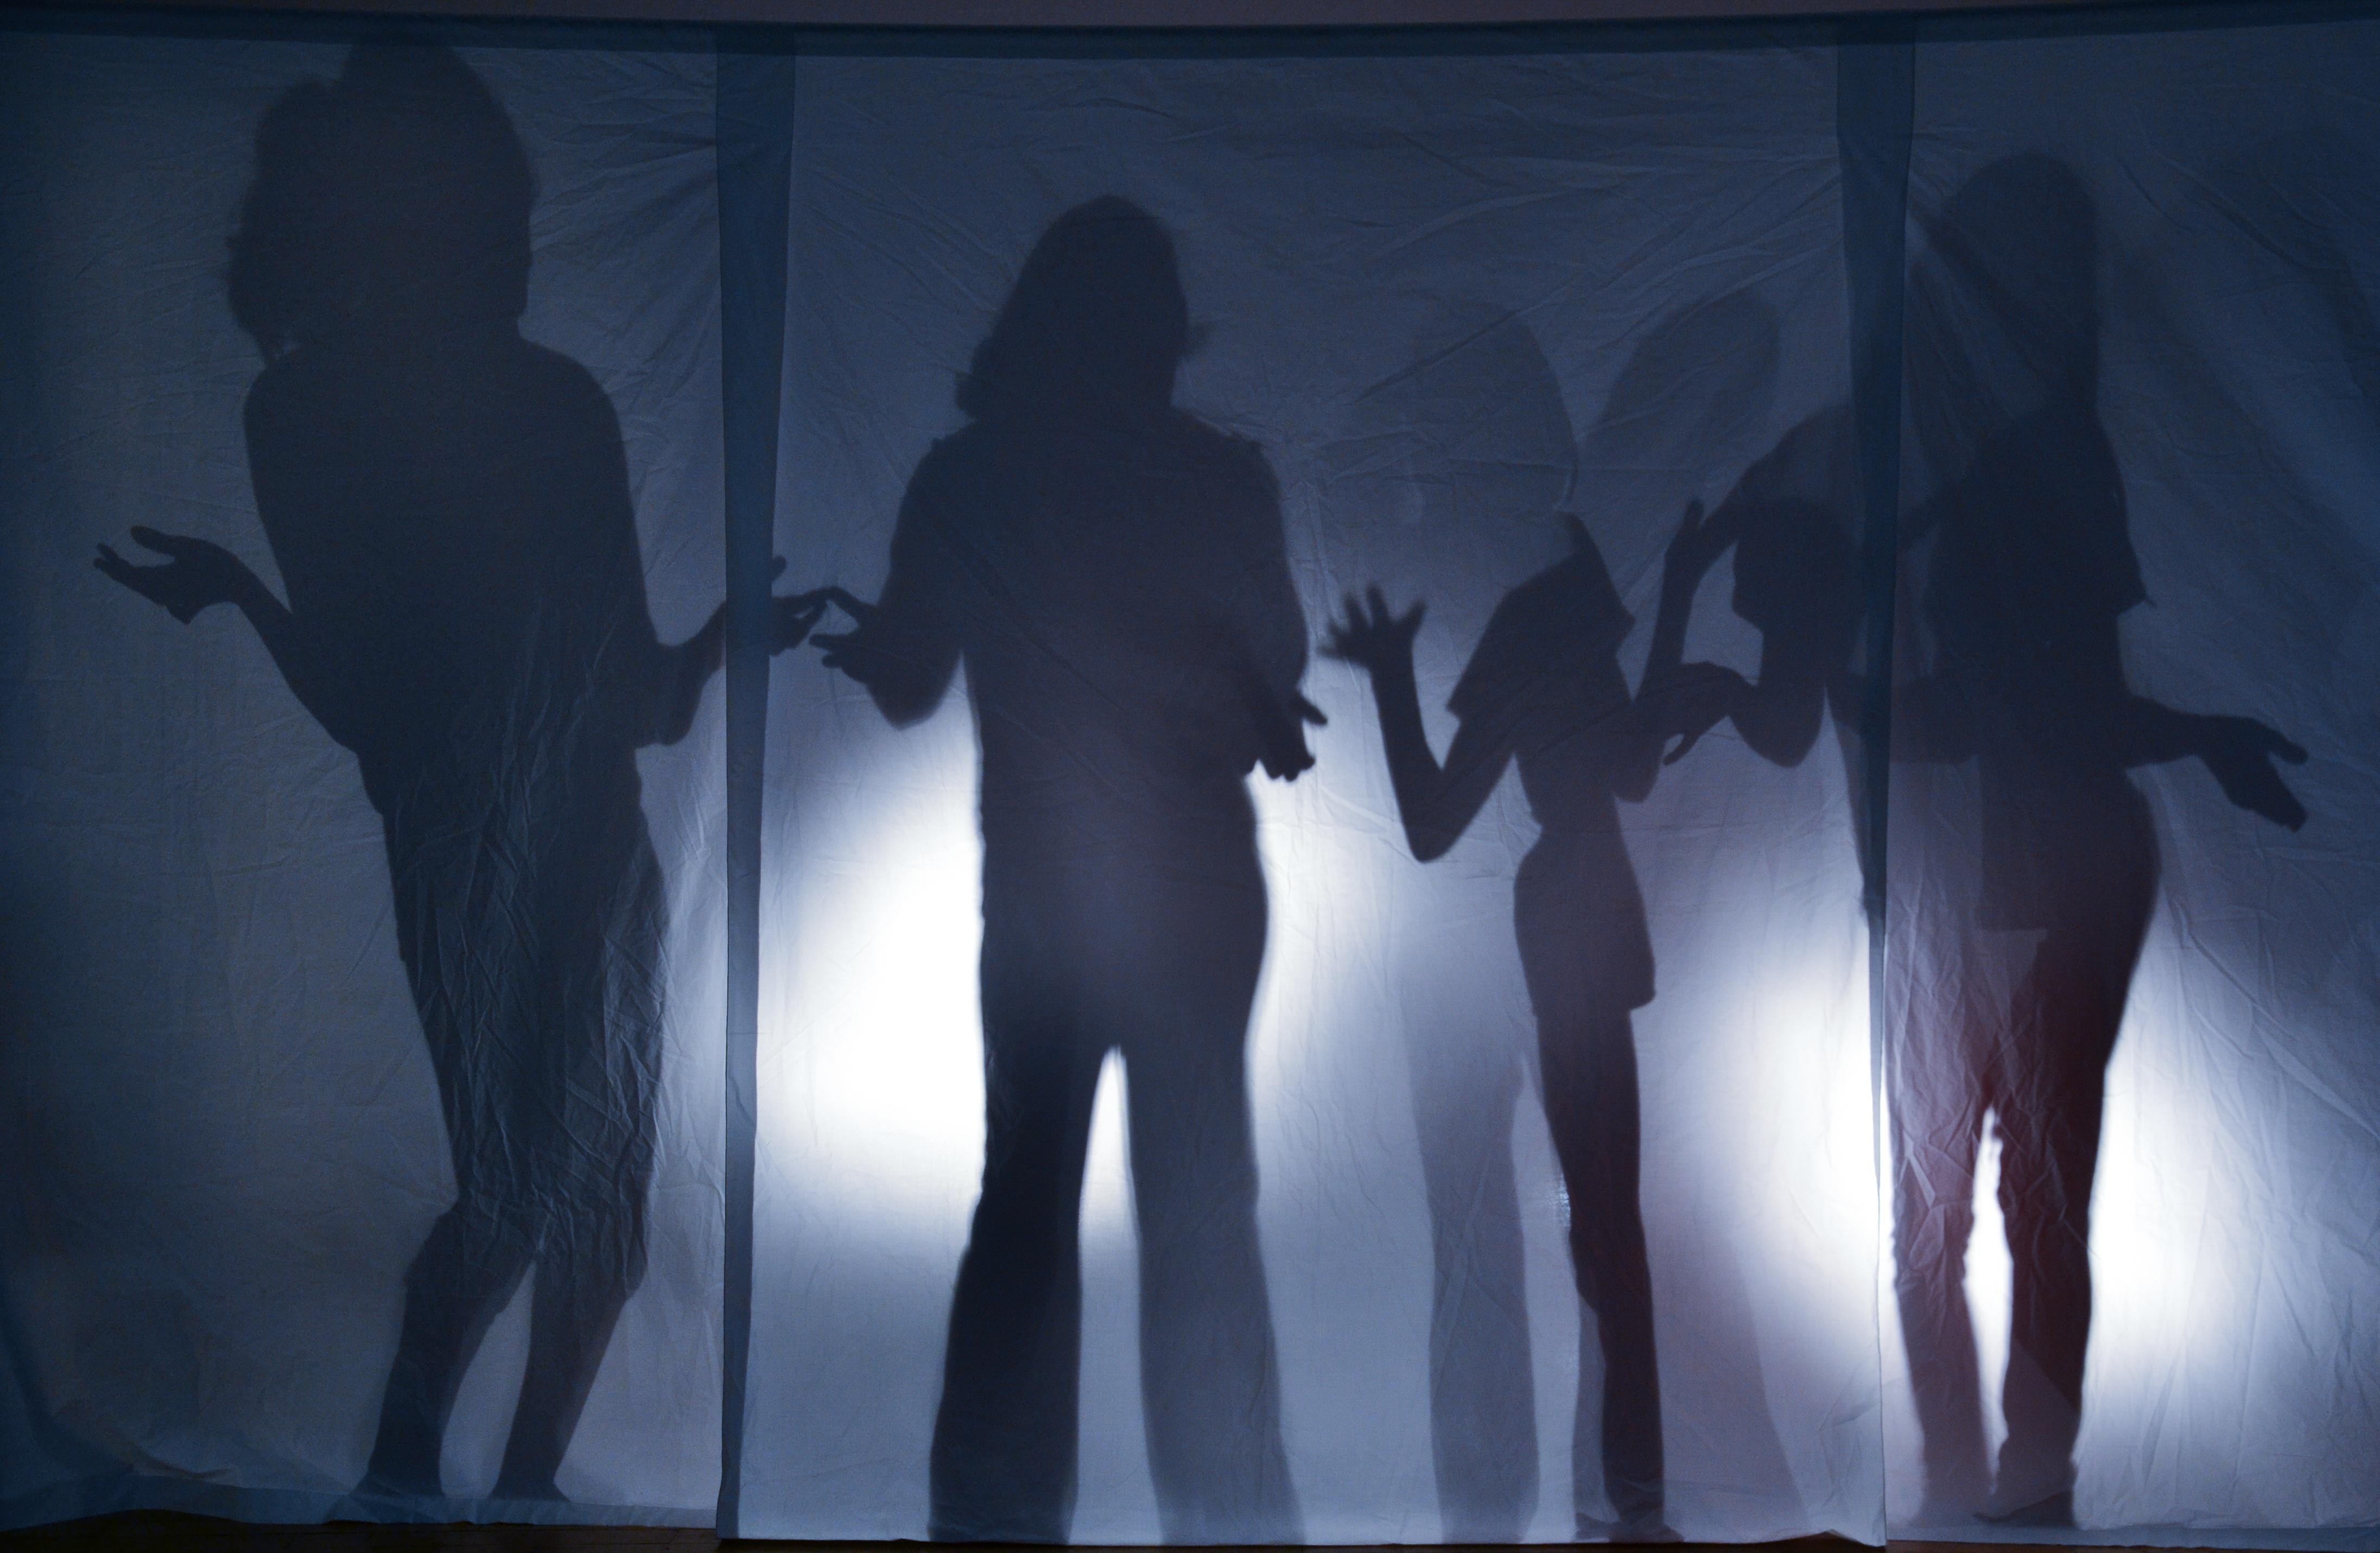 рукам липнуть пример фото человека в темноте этом мероприятия